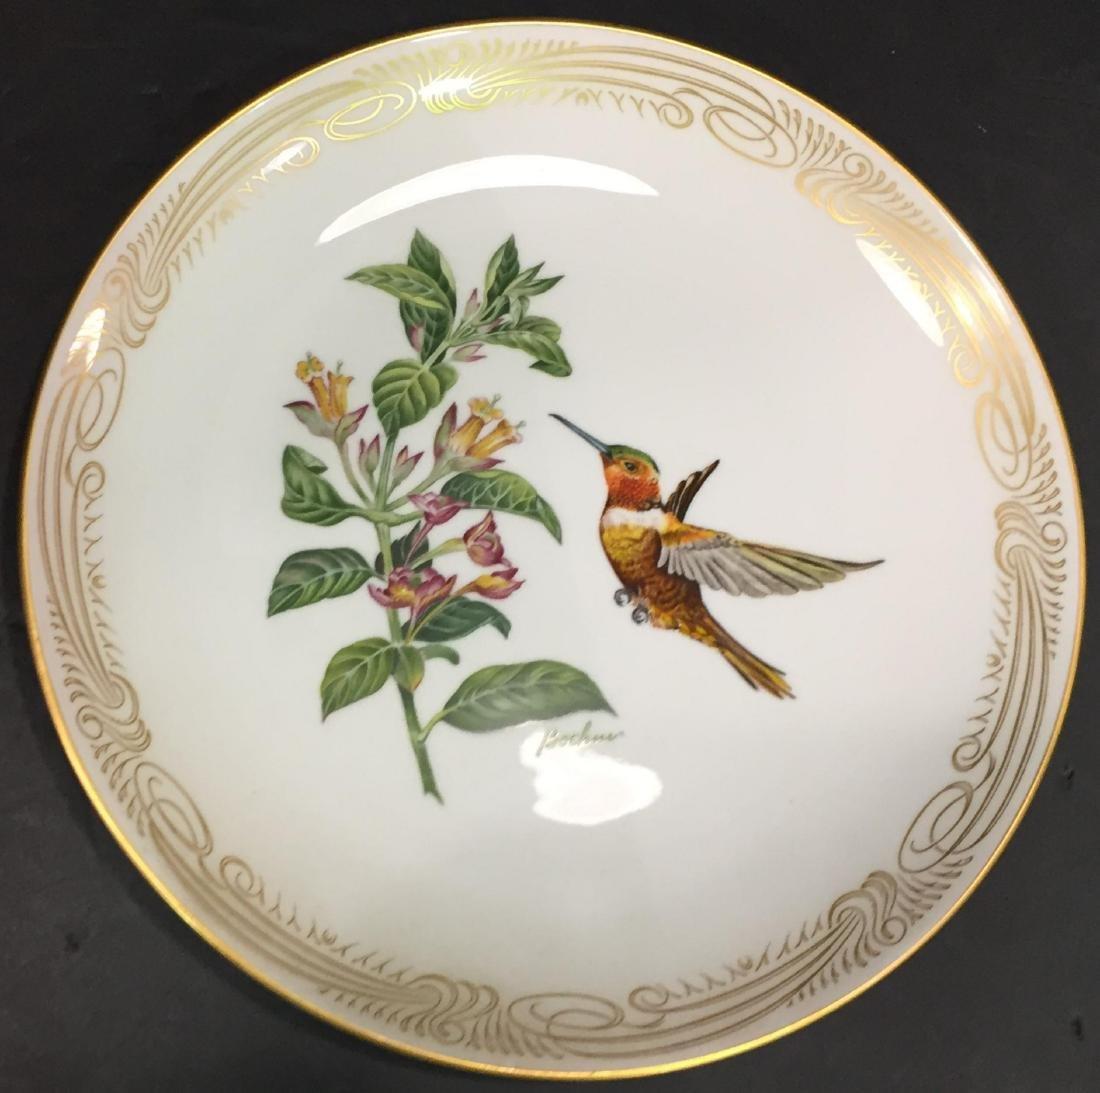 4 Pcs Boehm Porcelain Plates with Hand Painted Birds - 3